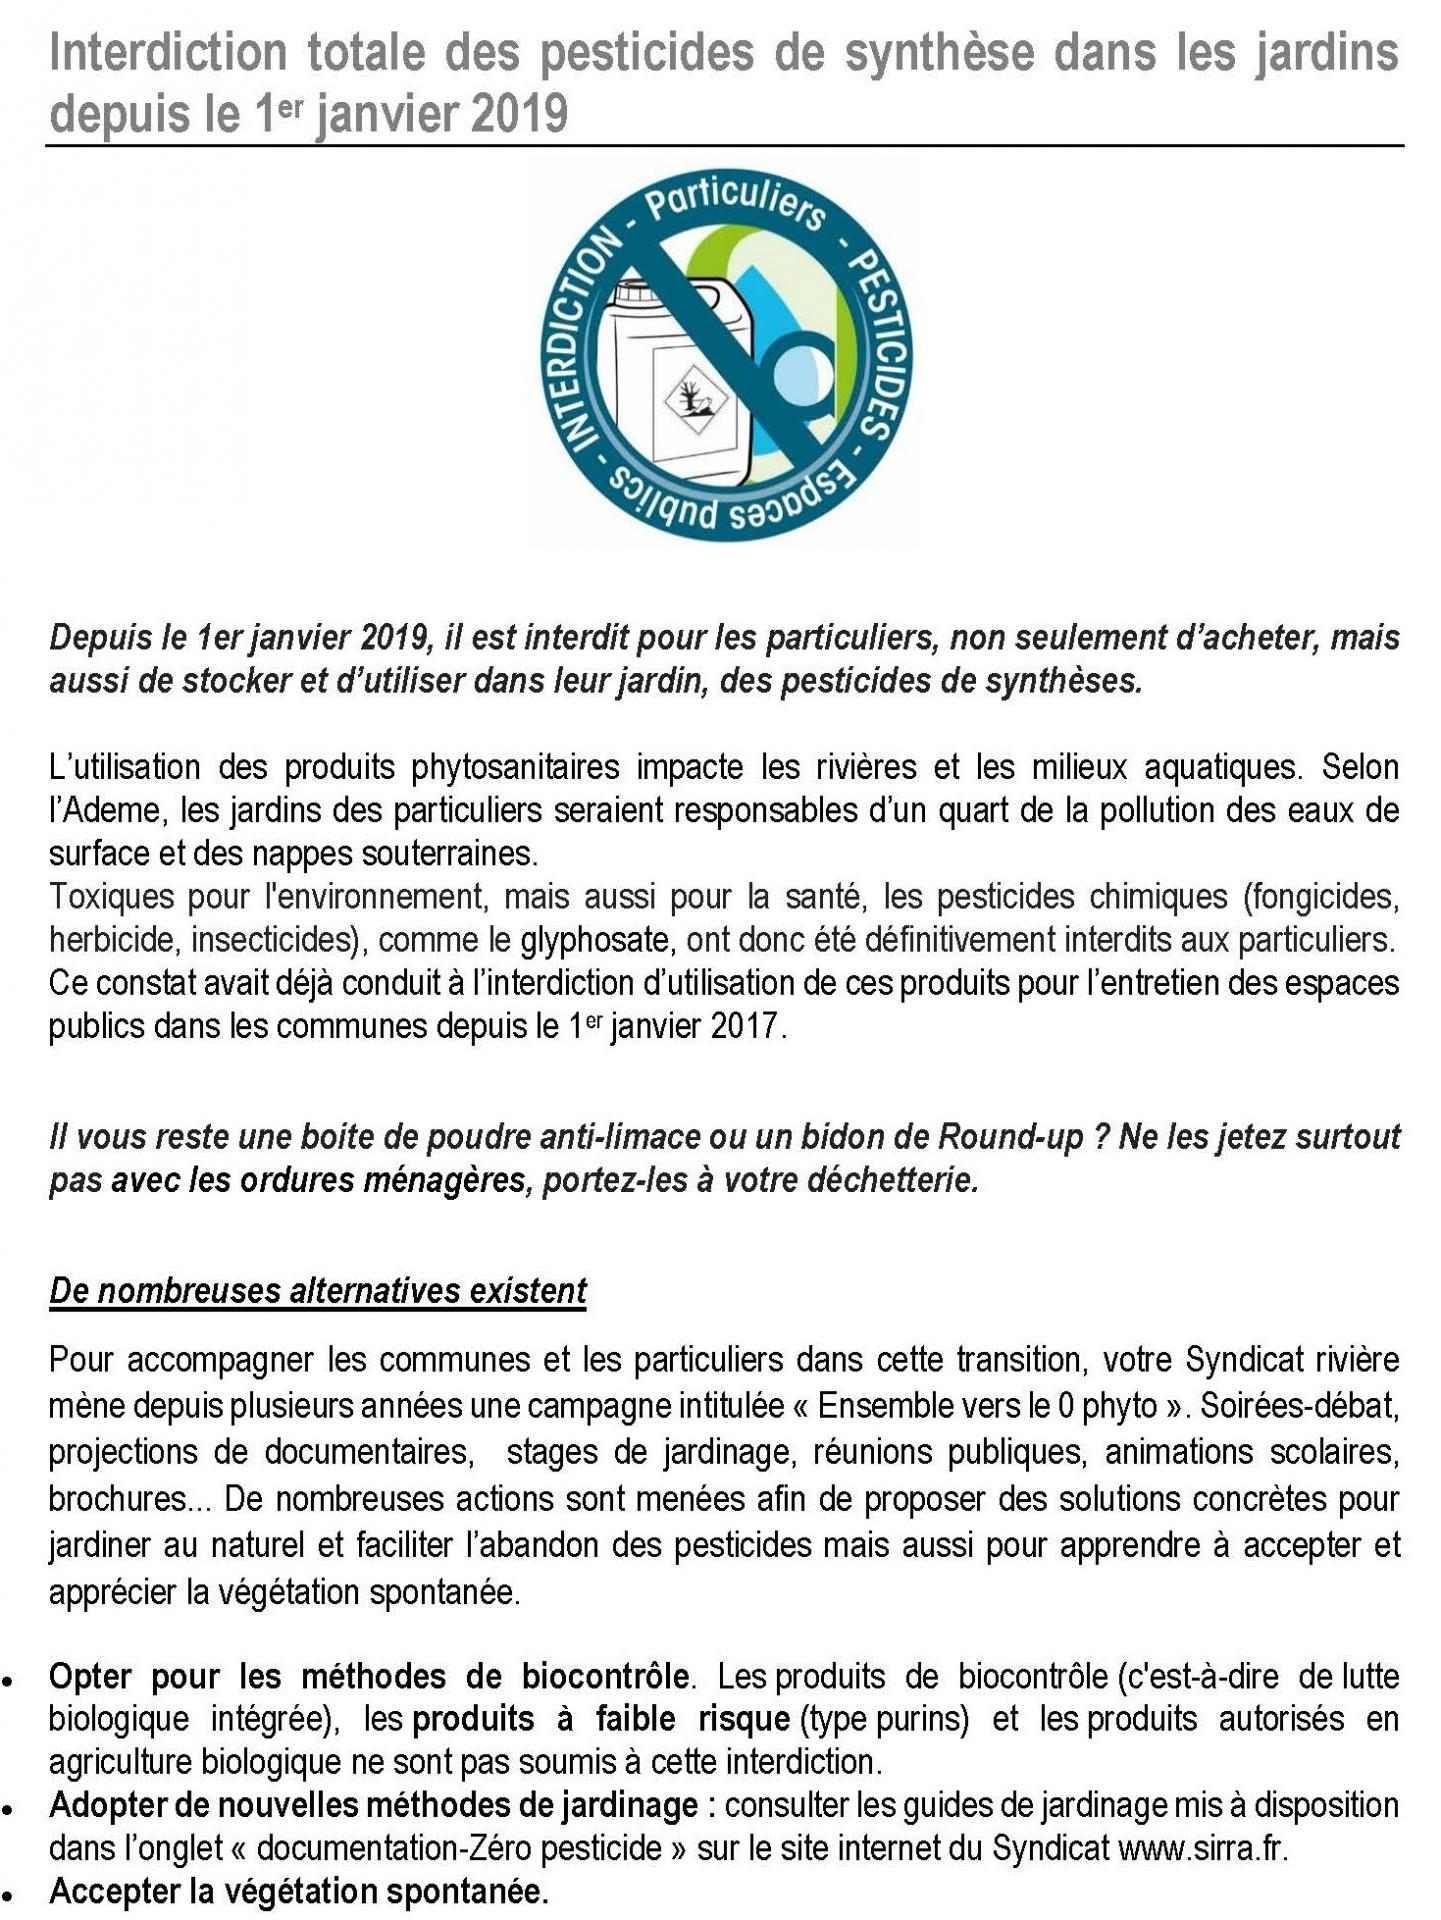 Interdiction totale des pesticides de synthese dans les jardins depuis le 1er janvier 2019